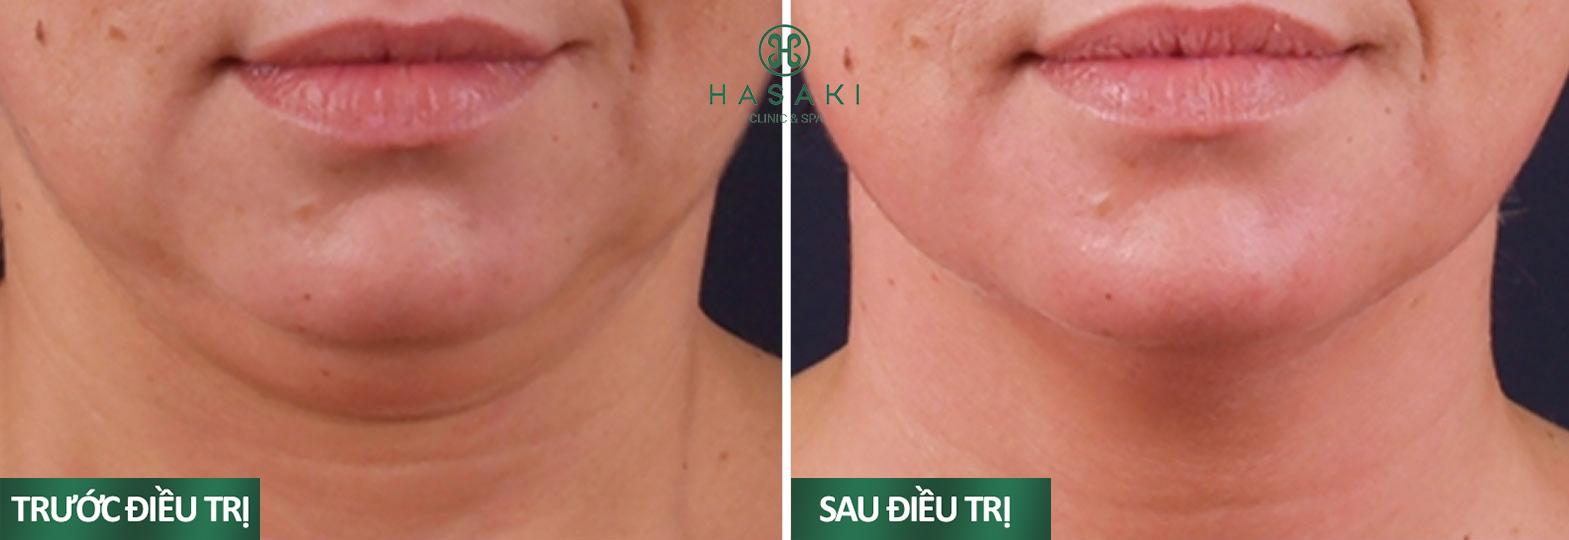 Hình ảnh khách hàng đã sử dụng Exilis Ultra 360 tại Hasaki Clinic & Spa